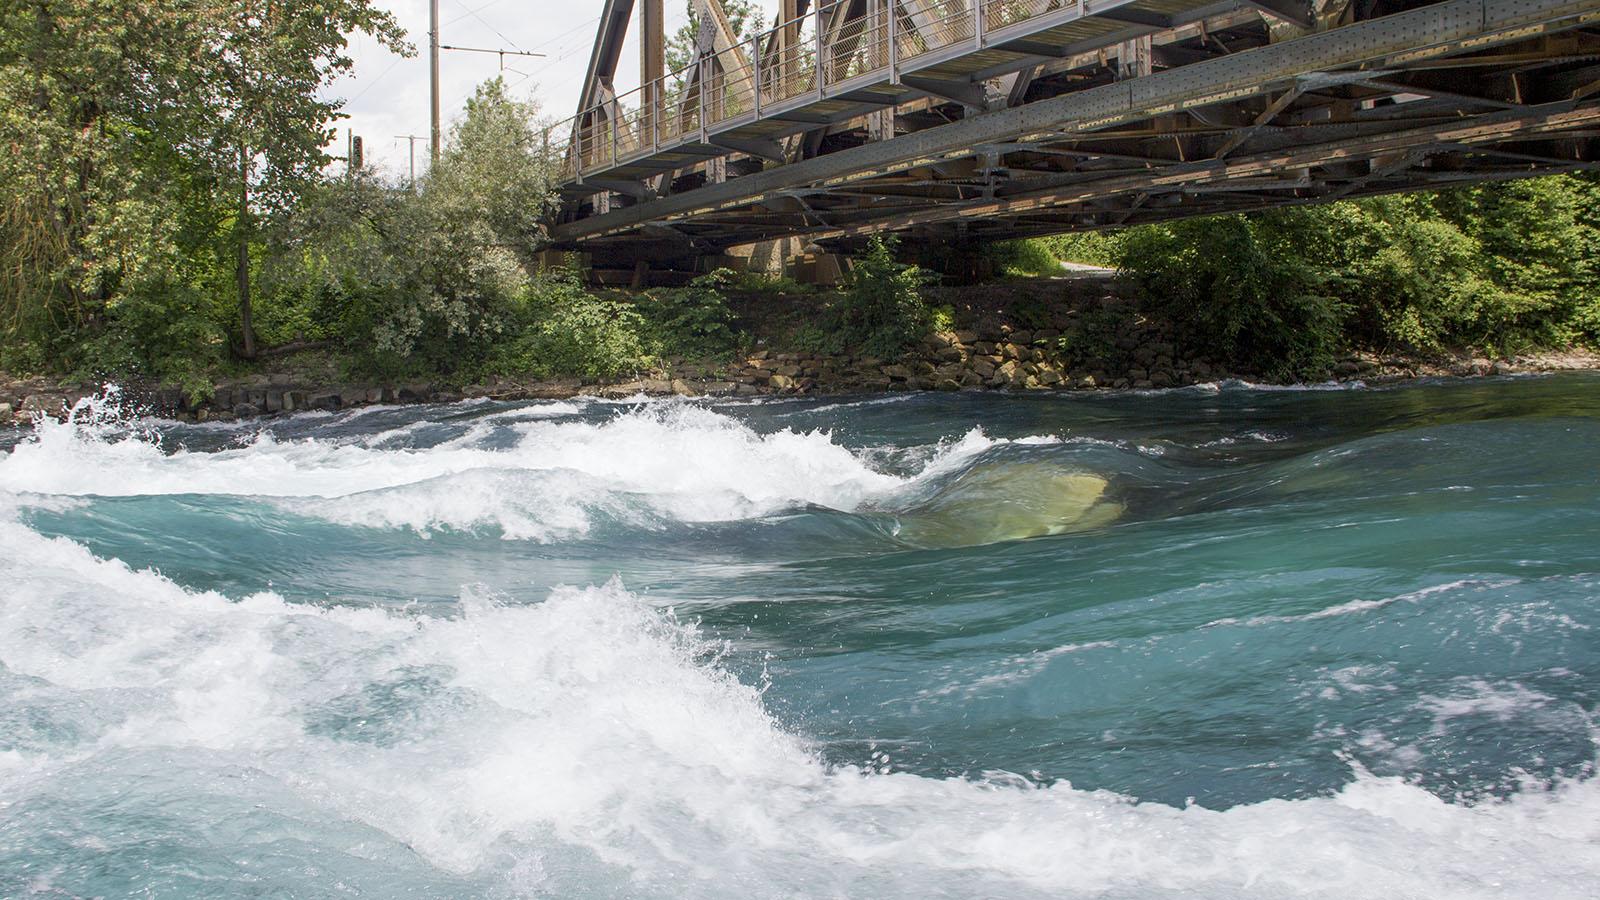 Knapp überströmter Steinquader, wenig rechts der Flussmitte